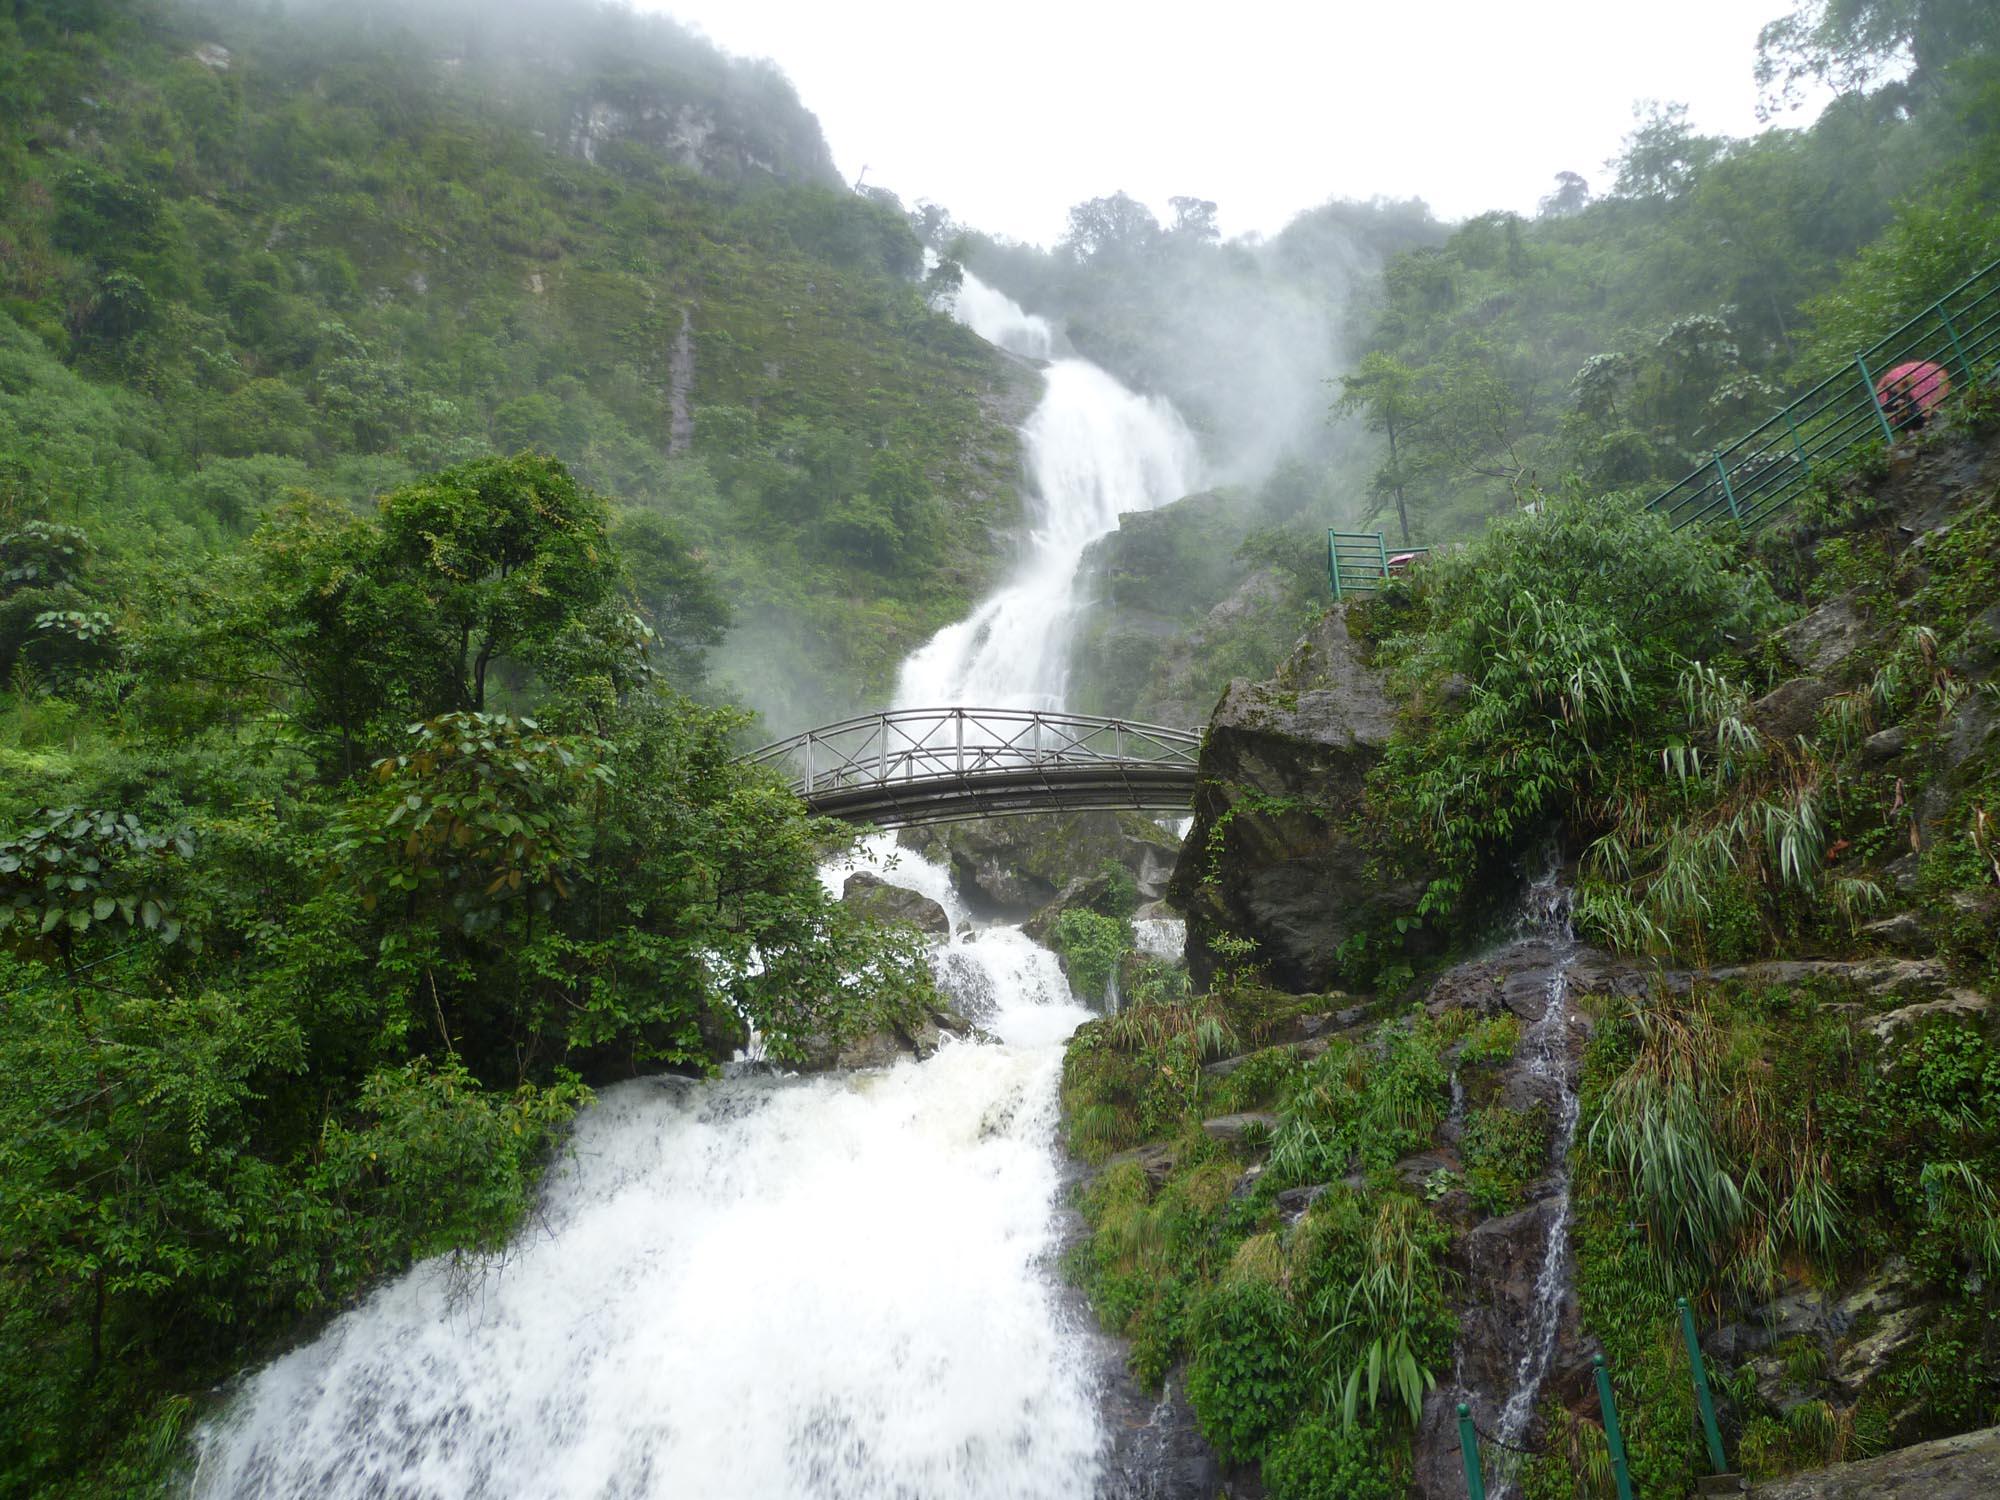 Description: Đến Lào Cai du lịch mùa nào cũng yêu cũng nghiện - 4